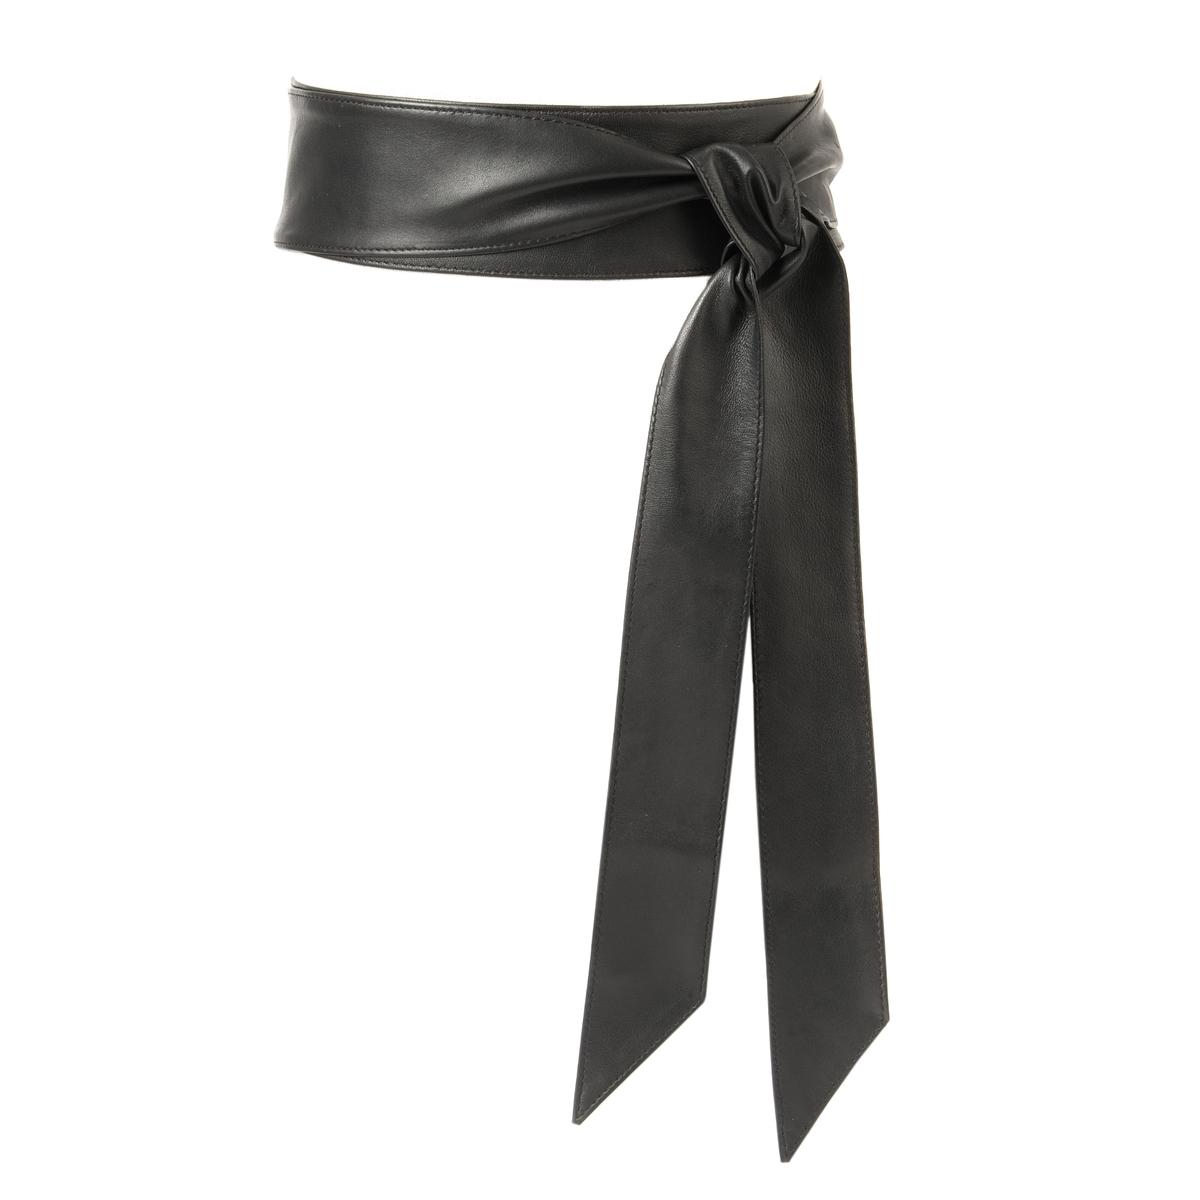 Пояс широкий из кожиШирокий кожаный пояс завязывается на талии в 1 или 2 оборота: очень женственный, подчеркивающий талию, можно носить с платьем, блузкой...Состав и описание : Широкий кожаный пояс на завязкахМатериал : 100% кожа.Размеры : ширина 5 смОхват пояса: 60-150 смЗастежка : на завязках<br><br>Цвет: черный<br>Размер: 100 см